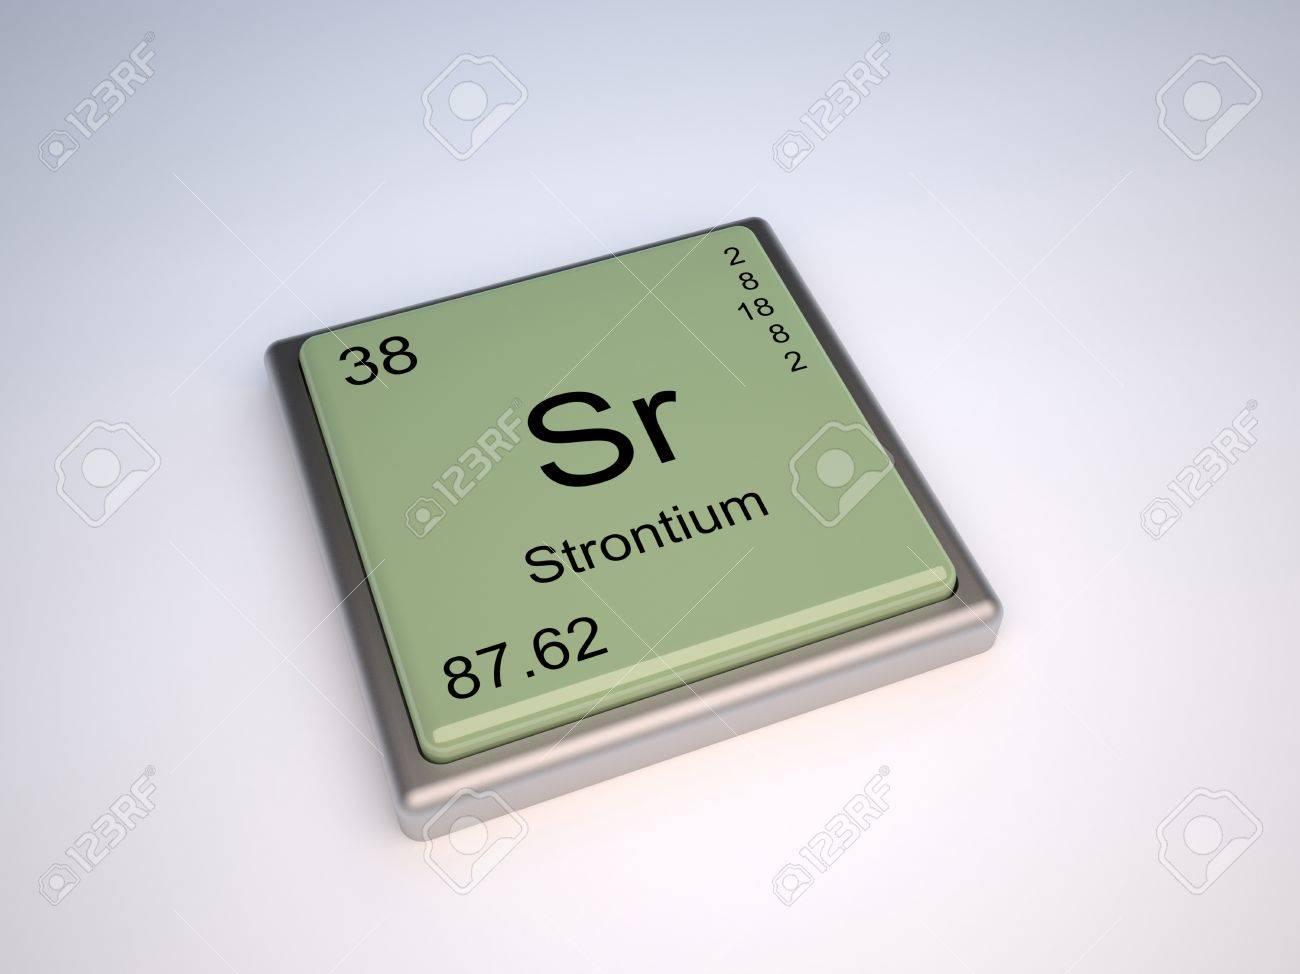 Strontium chemical element of the periodic table with symbol strontium chemical element of the periodic table with symbol sr stock photo 9257070 biocorpaavc